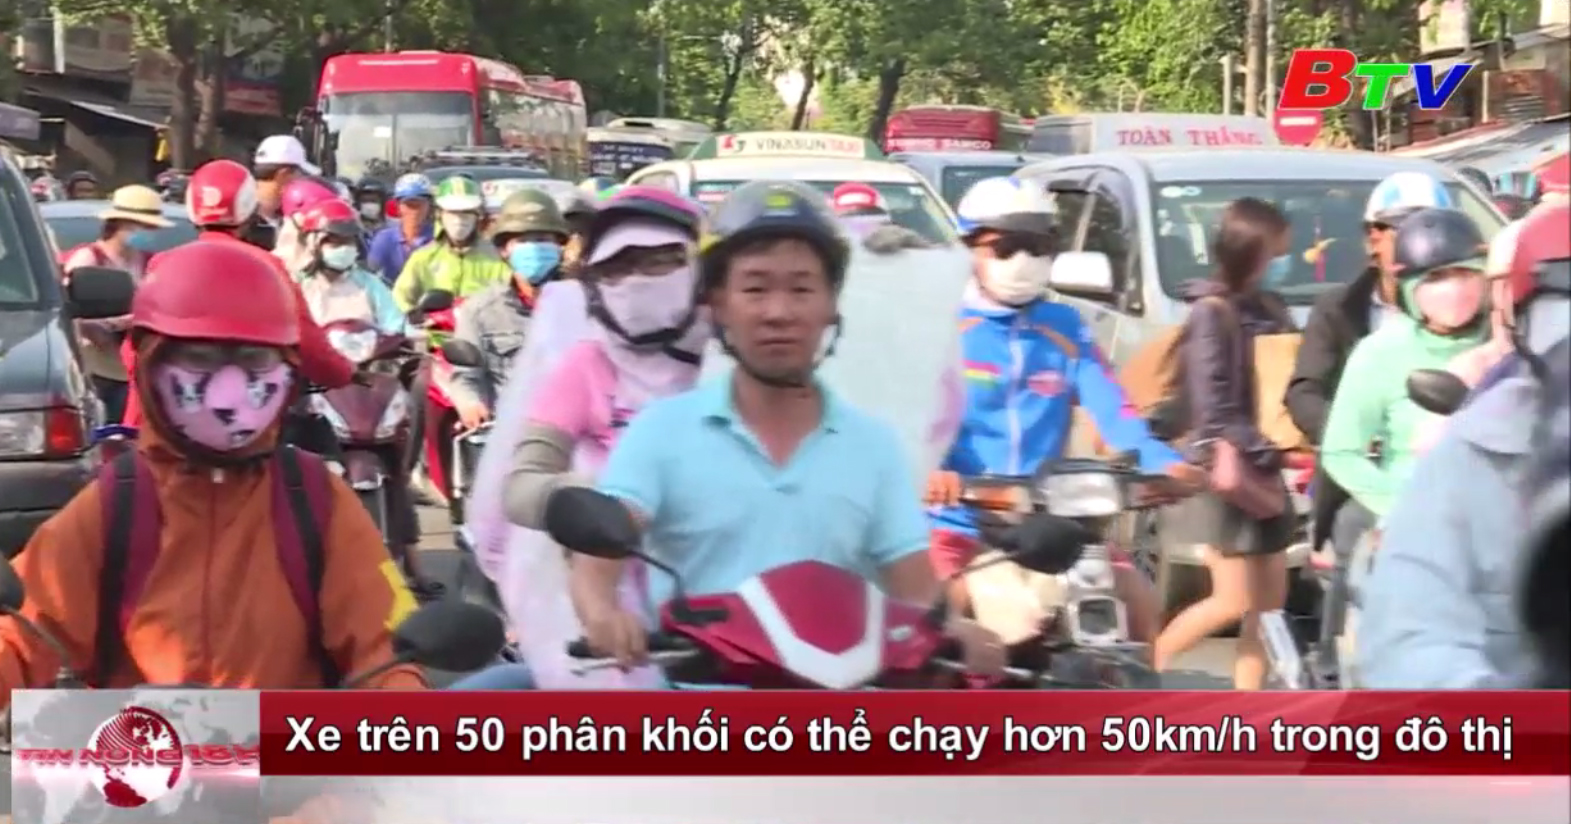 Xe trên 50 phân khối có thể chạy hơn 50km/h trong đô thị